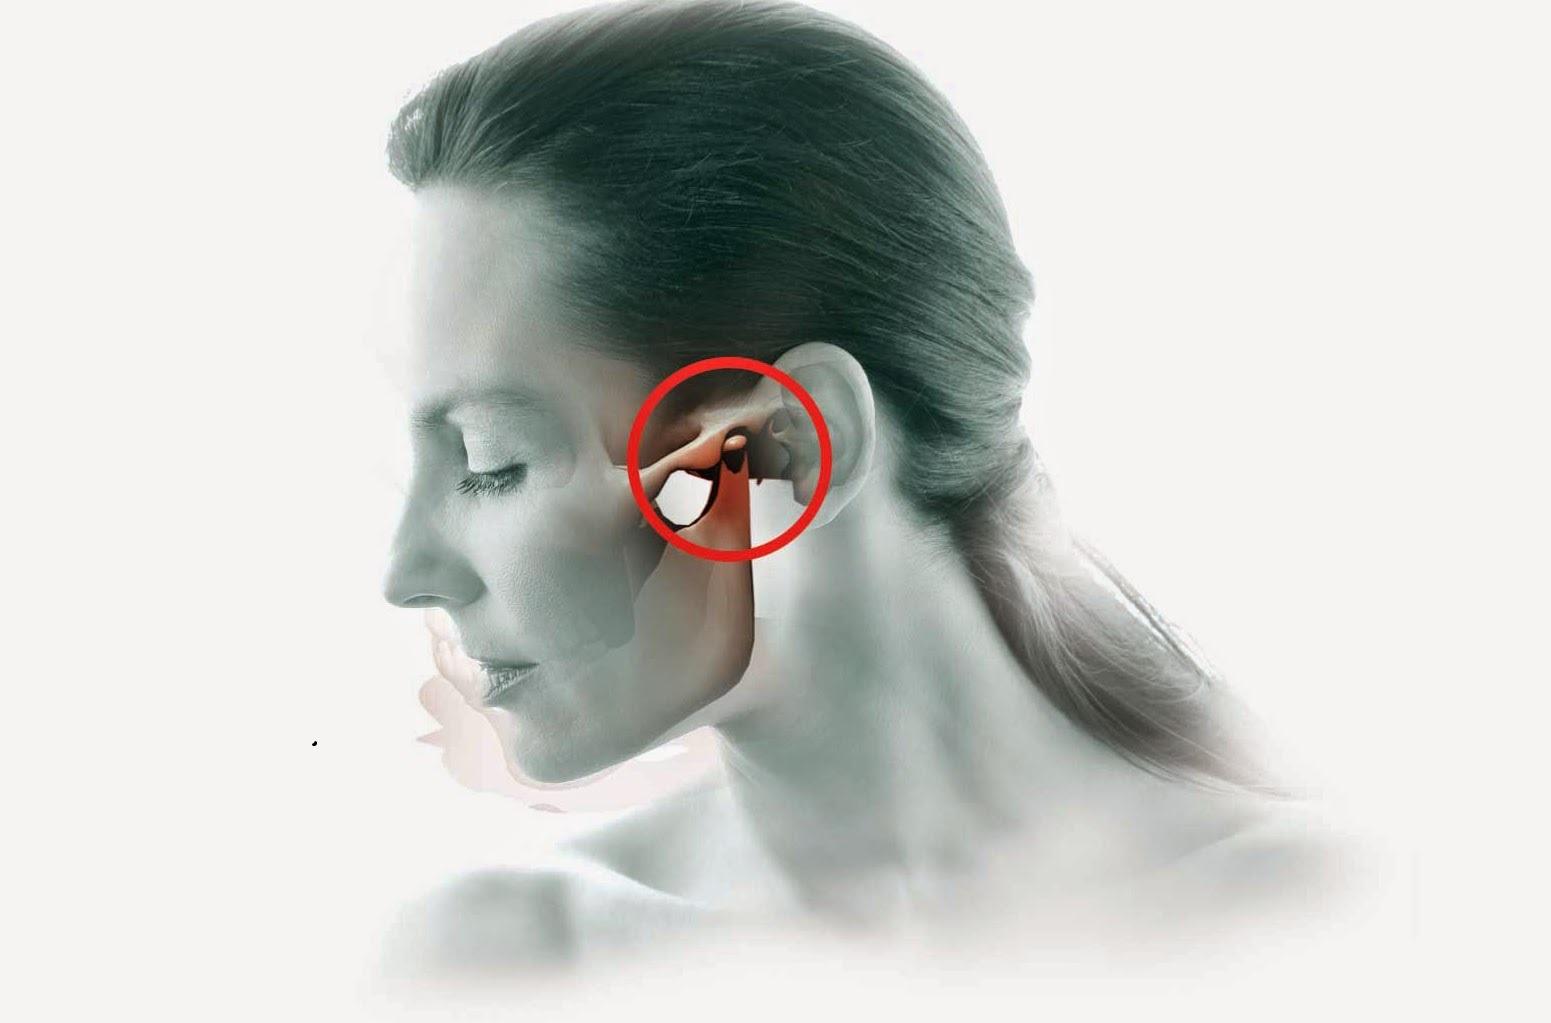 Biến dạng khuôn mặt nếu không chữa viêm khớp hàm sớm 1